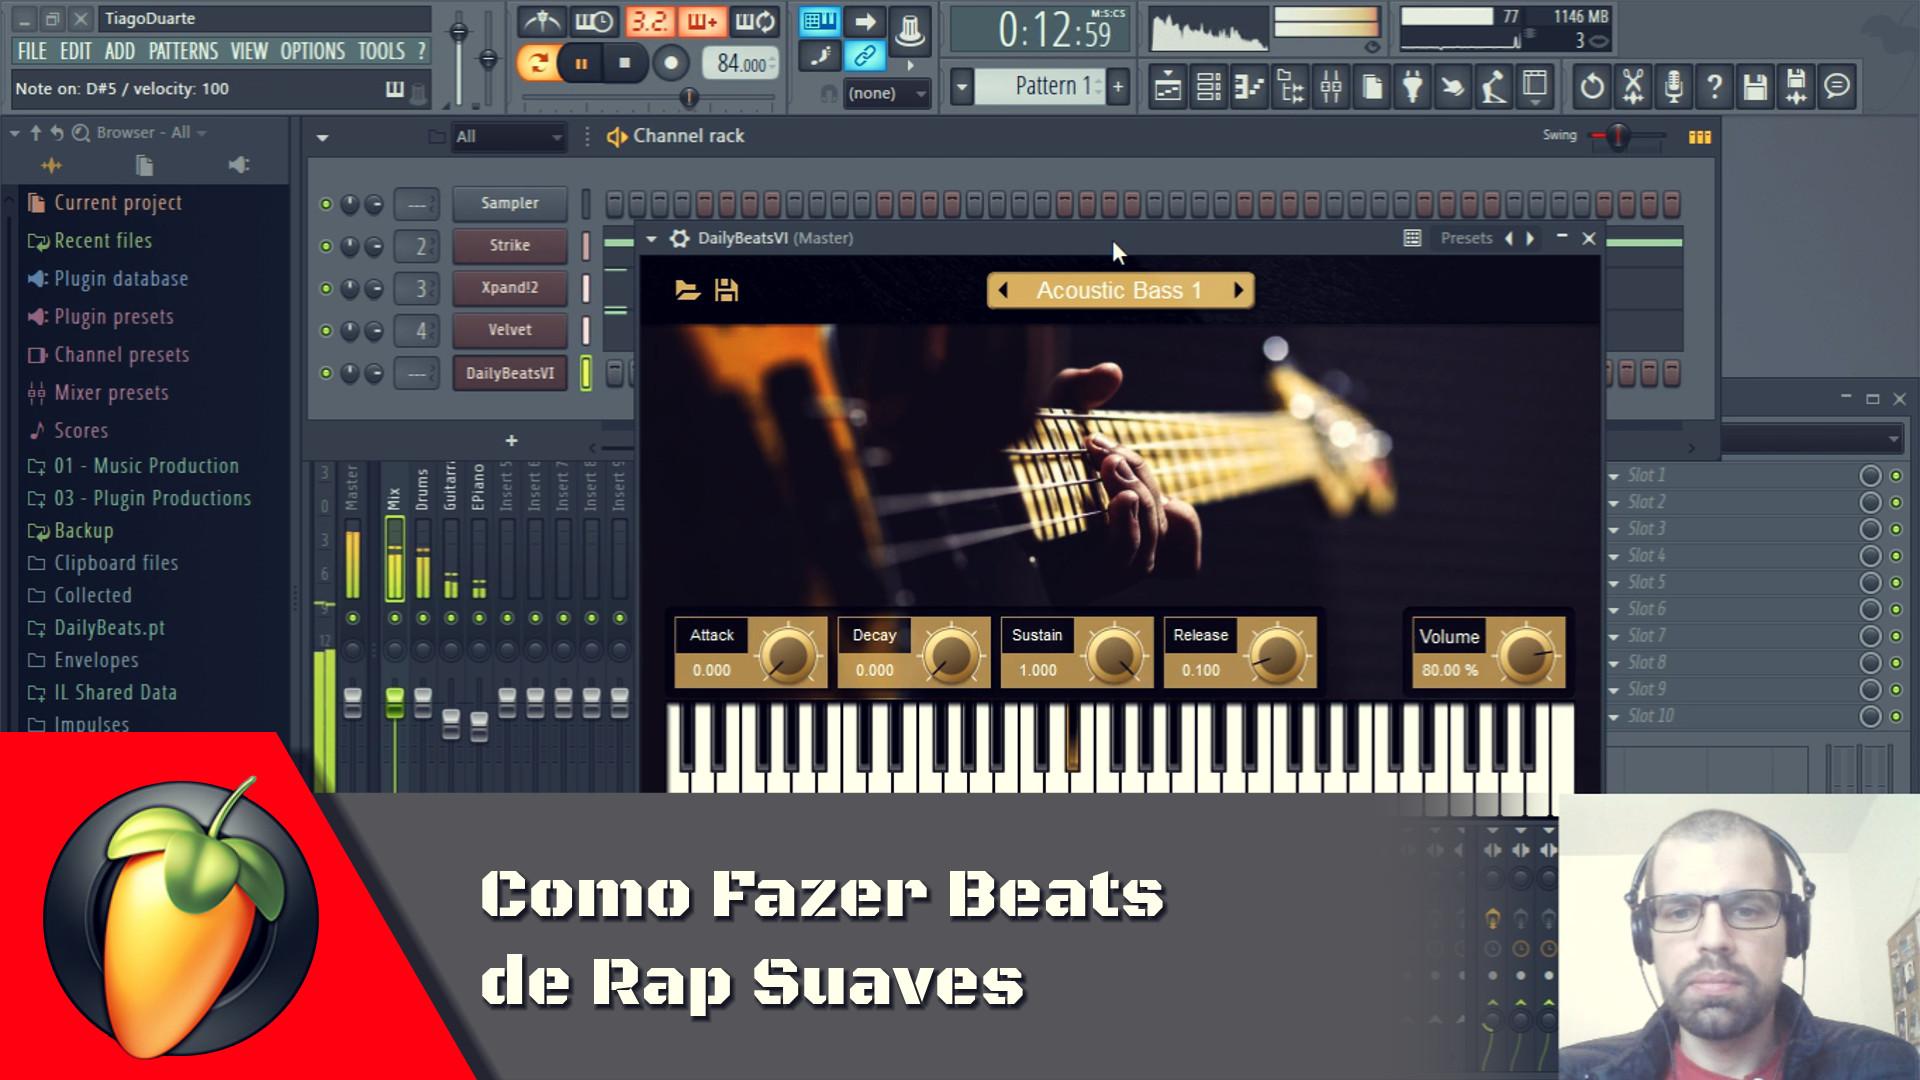 Como Fazer Beats de Rap Suaves